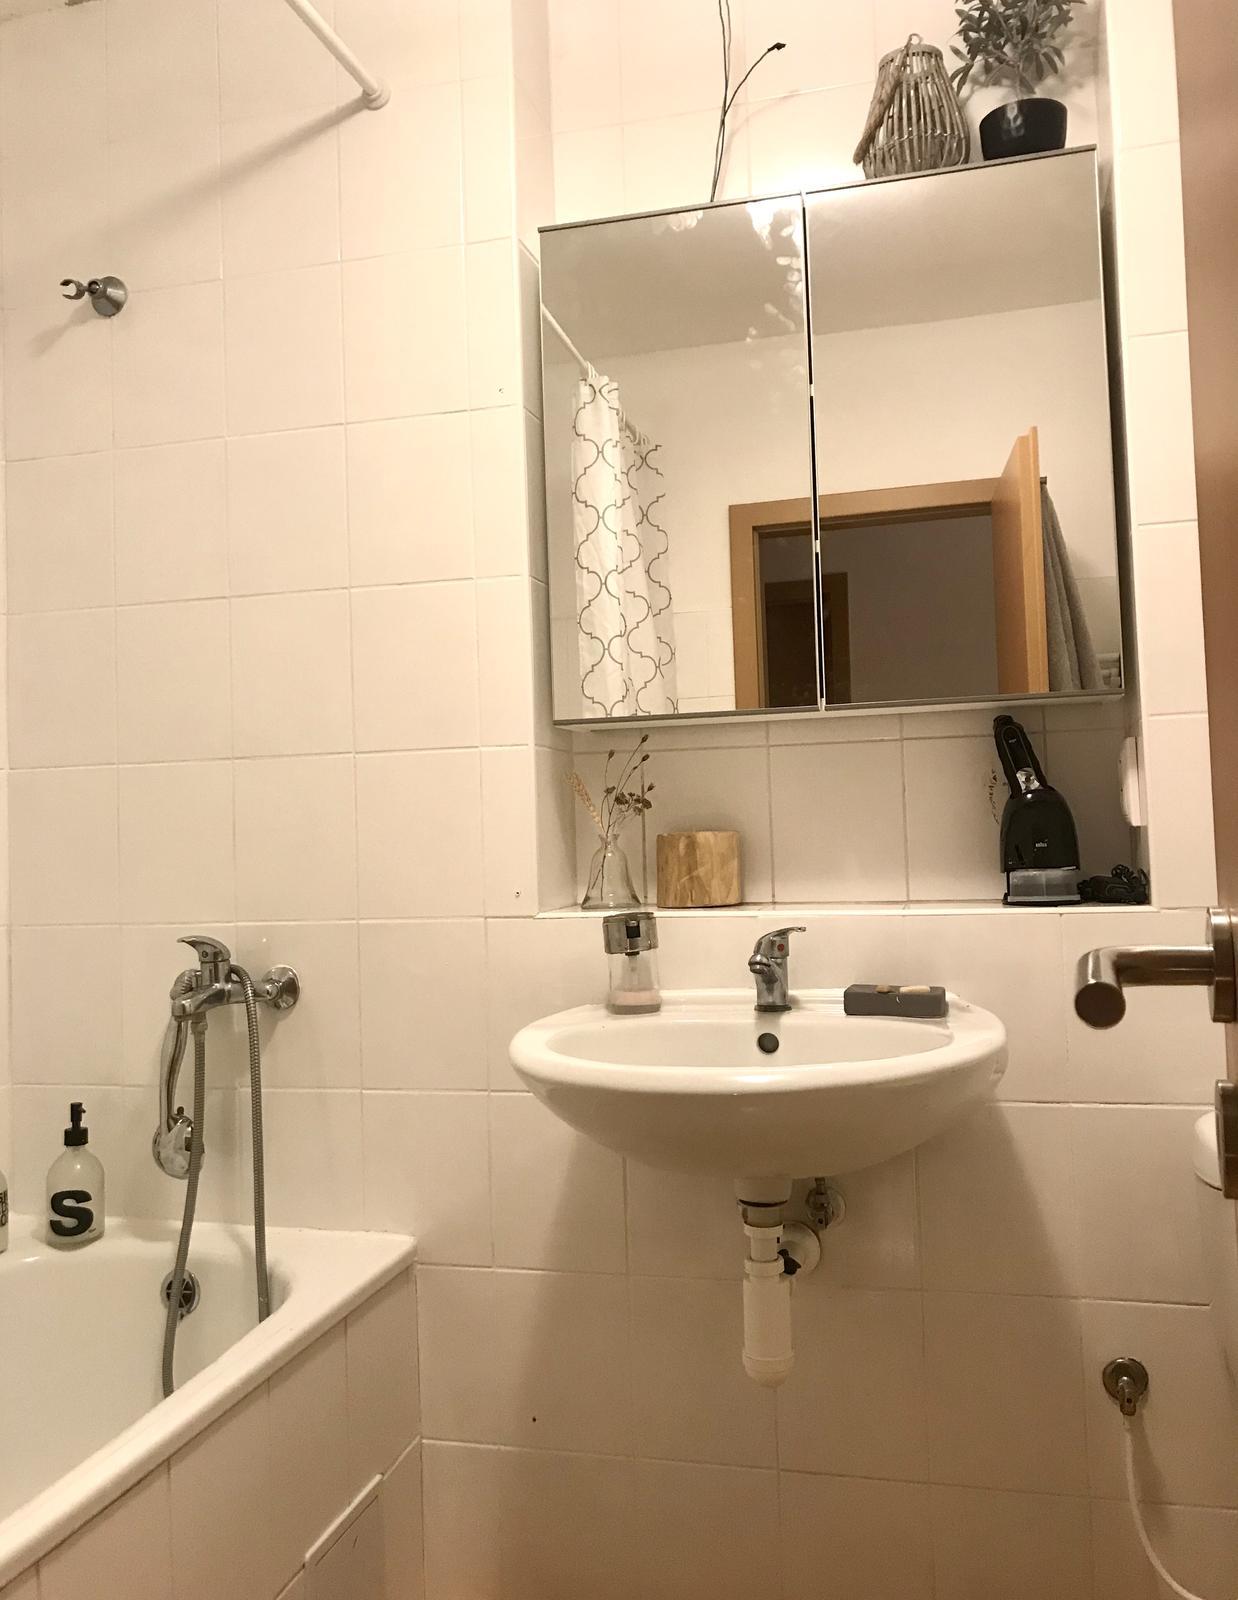 Z příšerné koupelny tvořím trochu lepší 💪 - Nahradila ji tahle super... nahoře trčí dráty a co?? Ja už dávám doplňky :-)).. nad skříňku budem ještě montovat světlo s místo umyvadla přijde nova umyvadlova skříňka 80 cm. Zrcadlova skříňka je ikea 80 x 75 cm